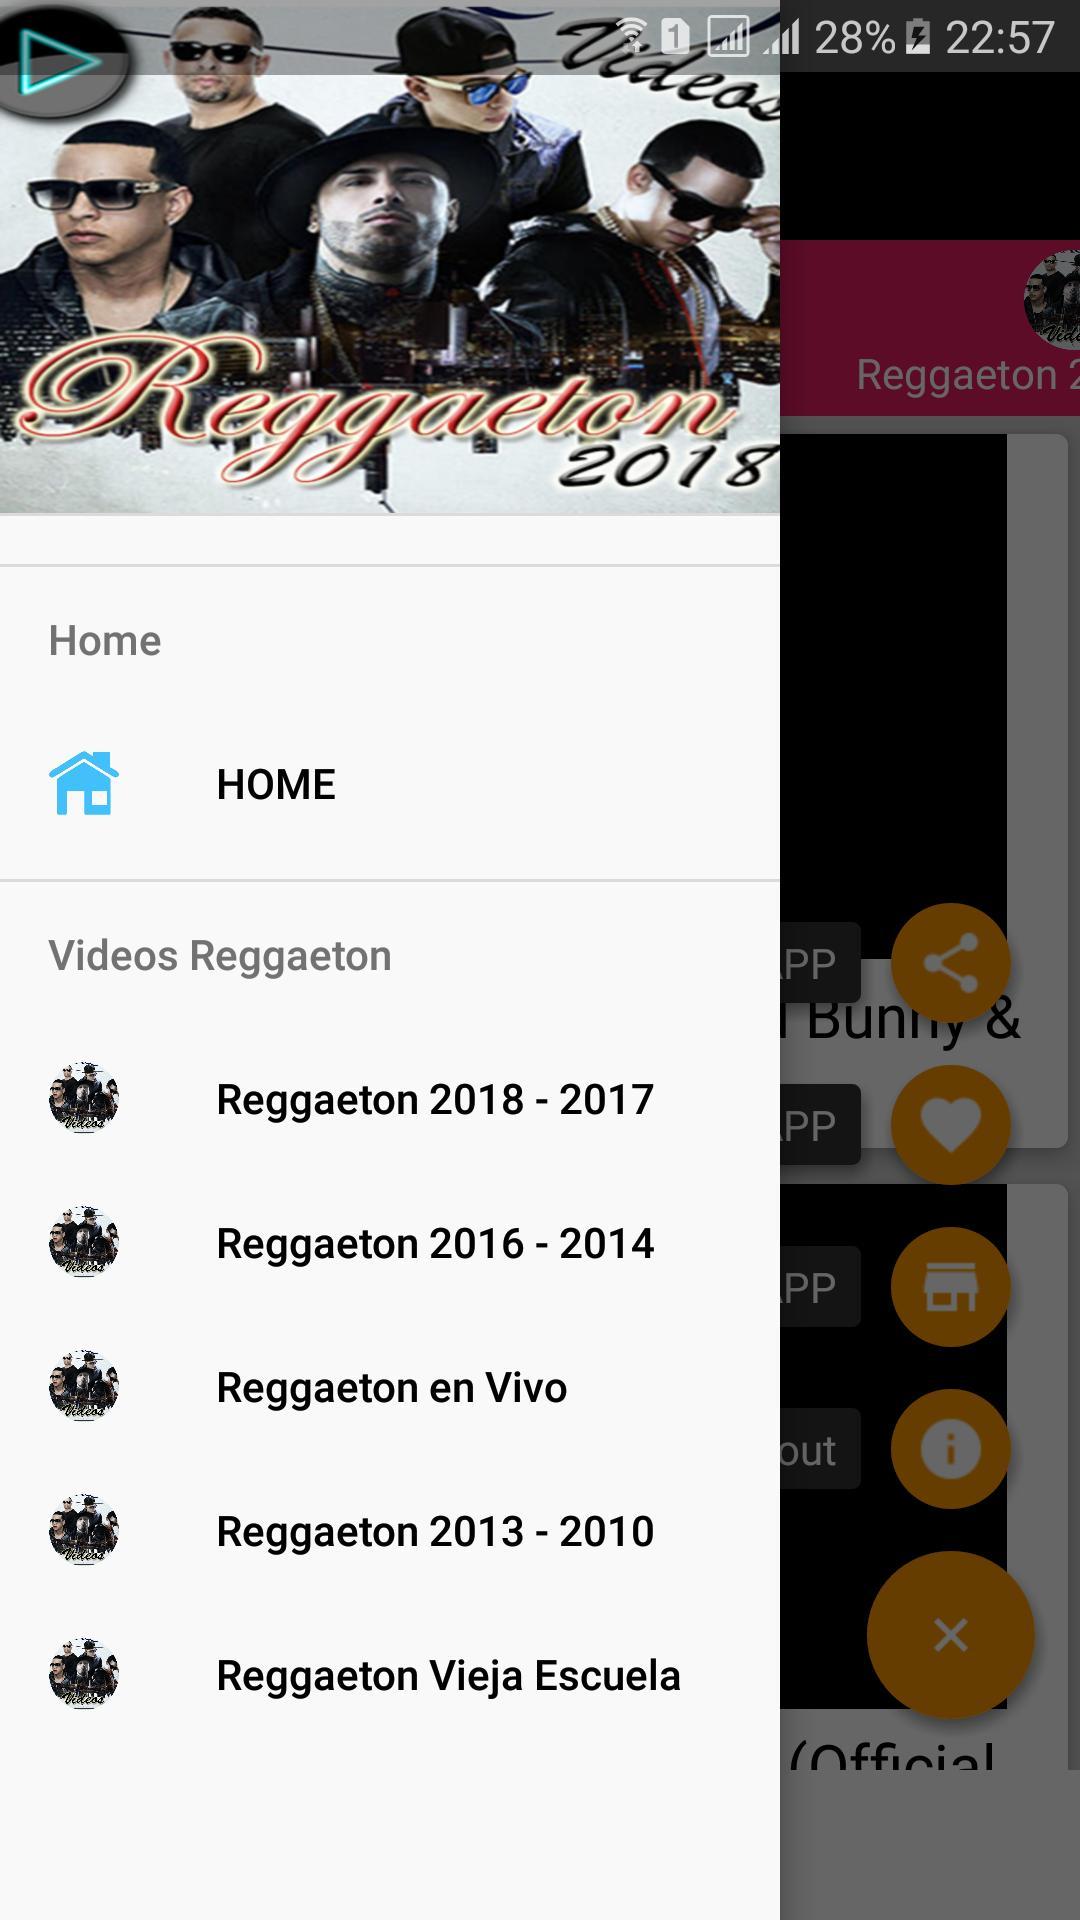 Descargar Videos De Reggaeton For Android Apk Download